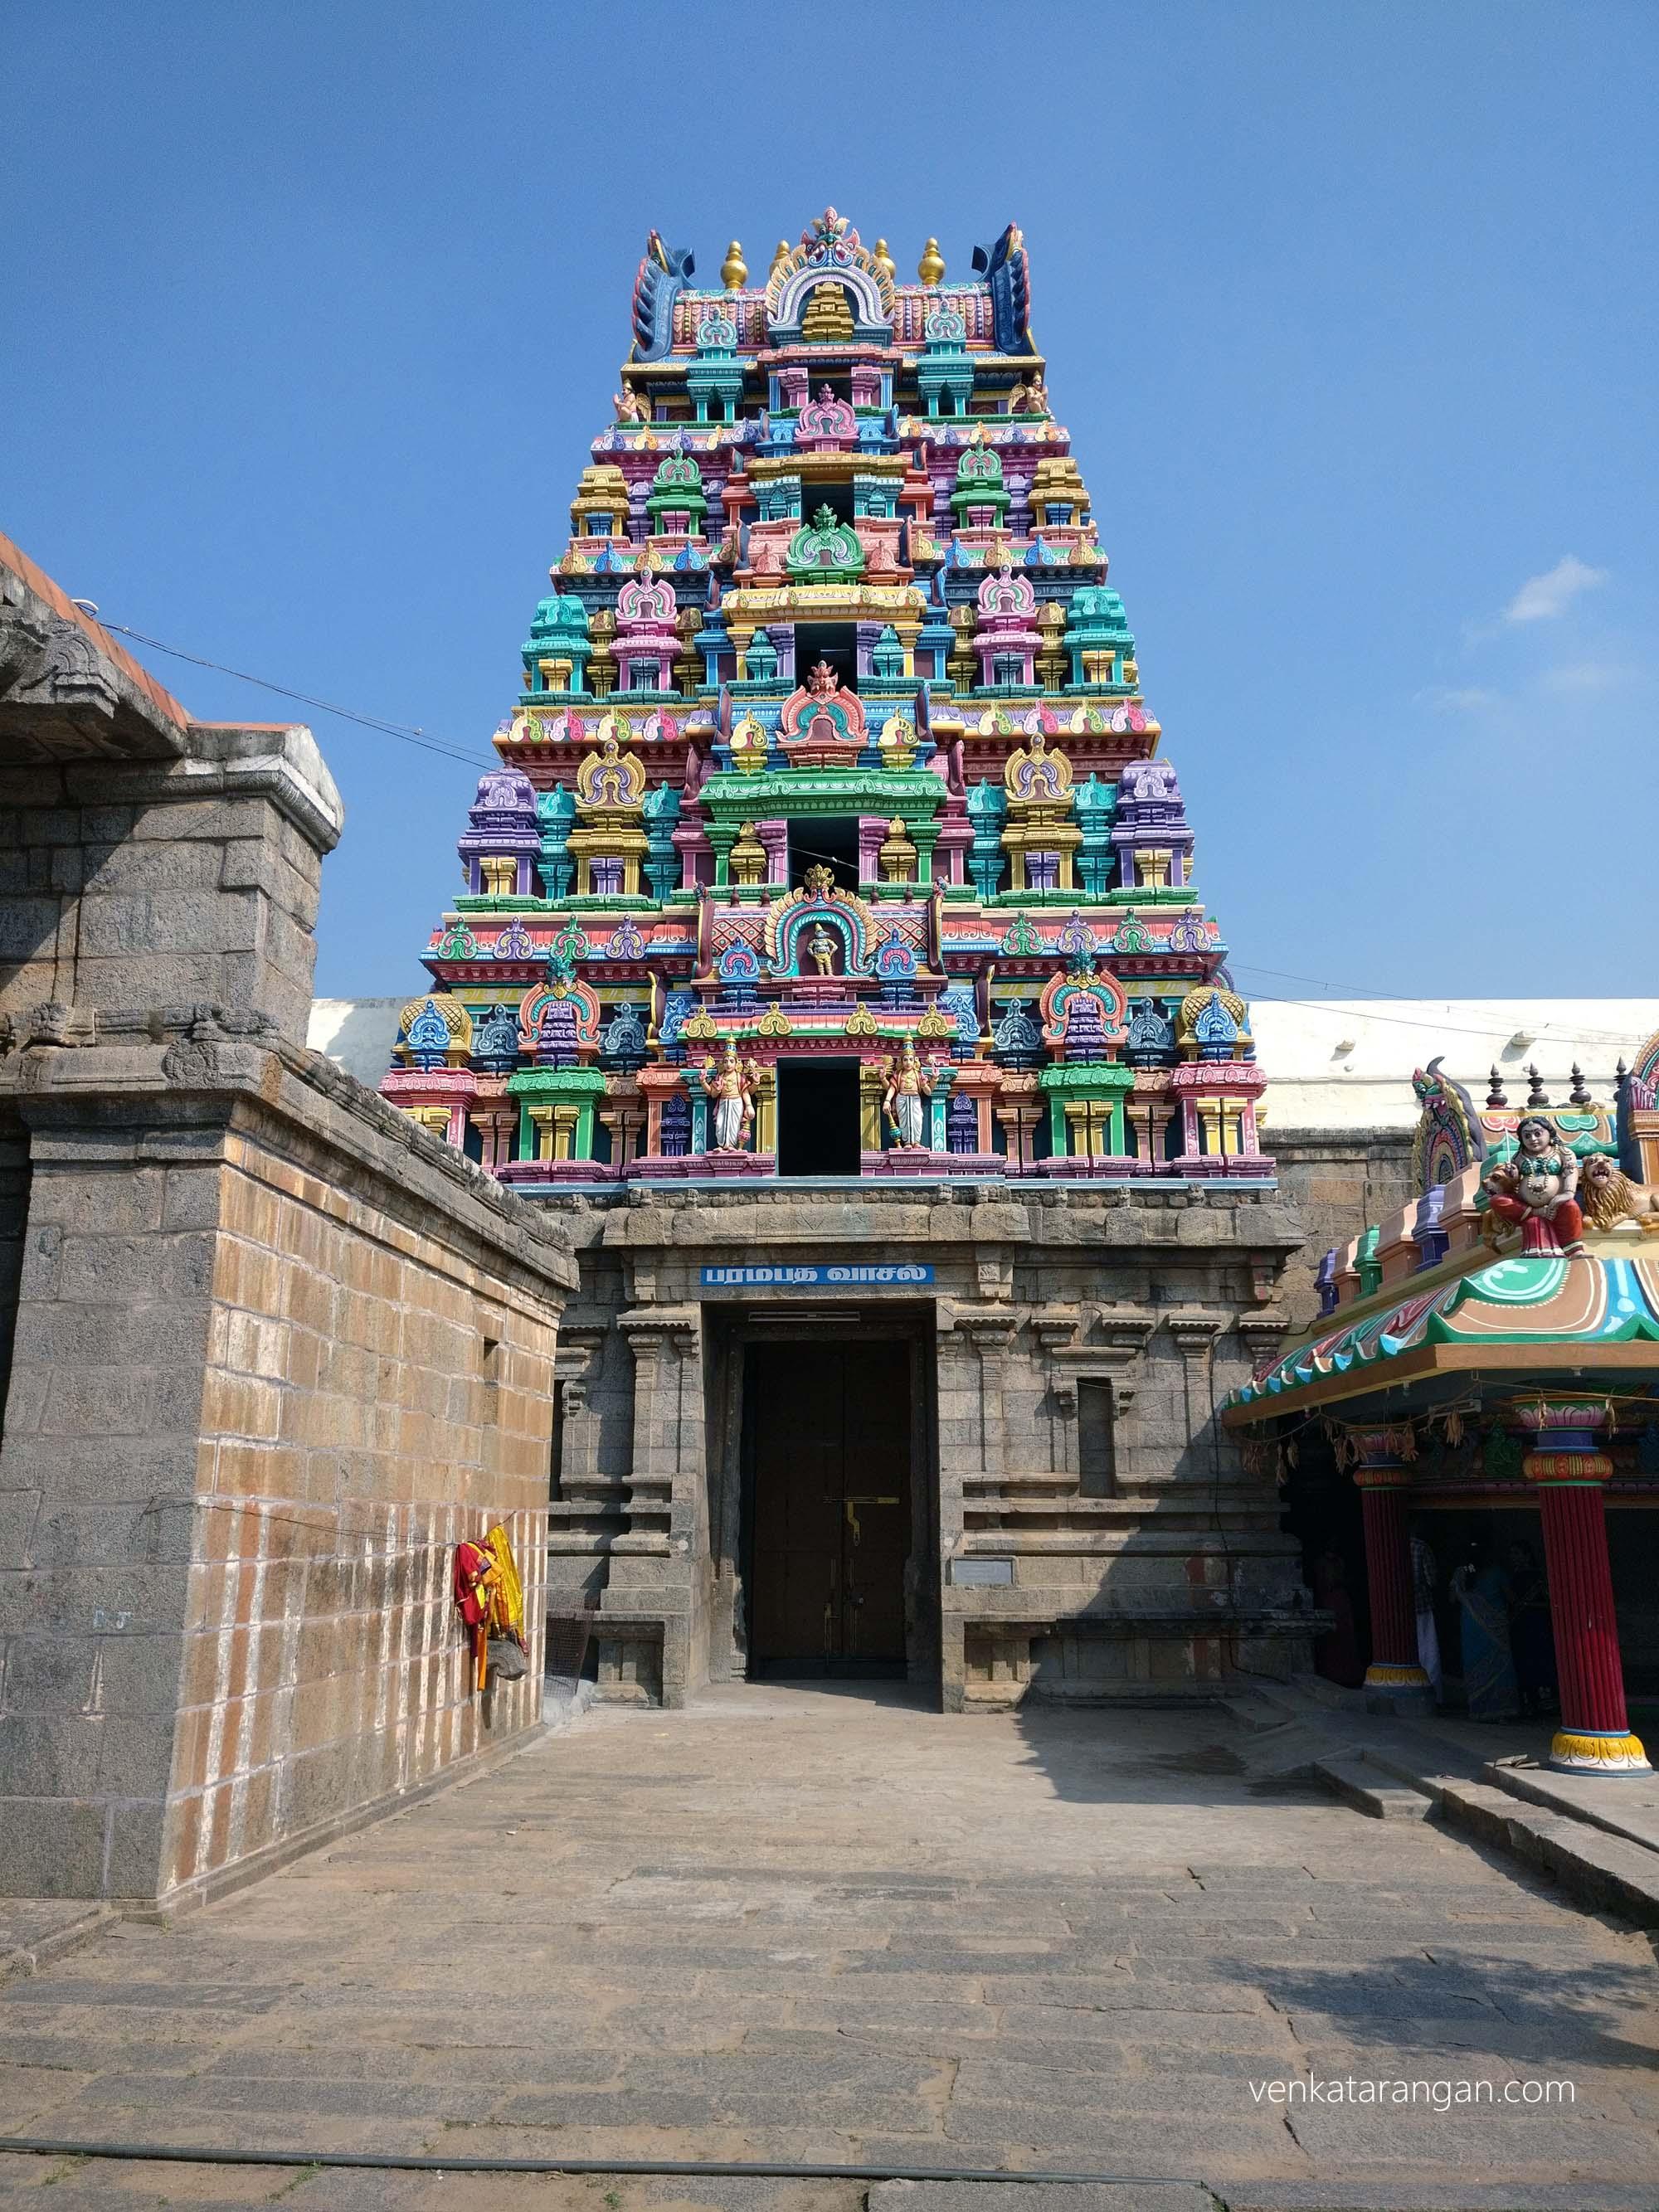 பரமபத வாசல், ஸ்ரீமுஷ்ணம்